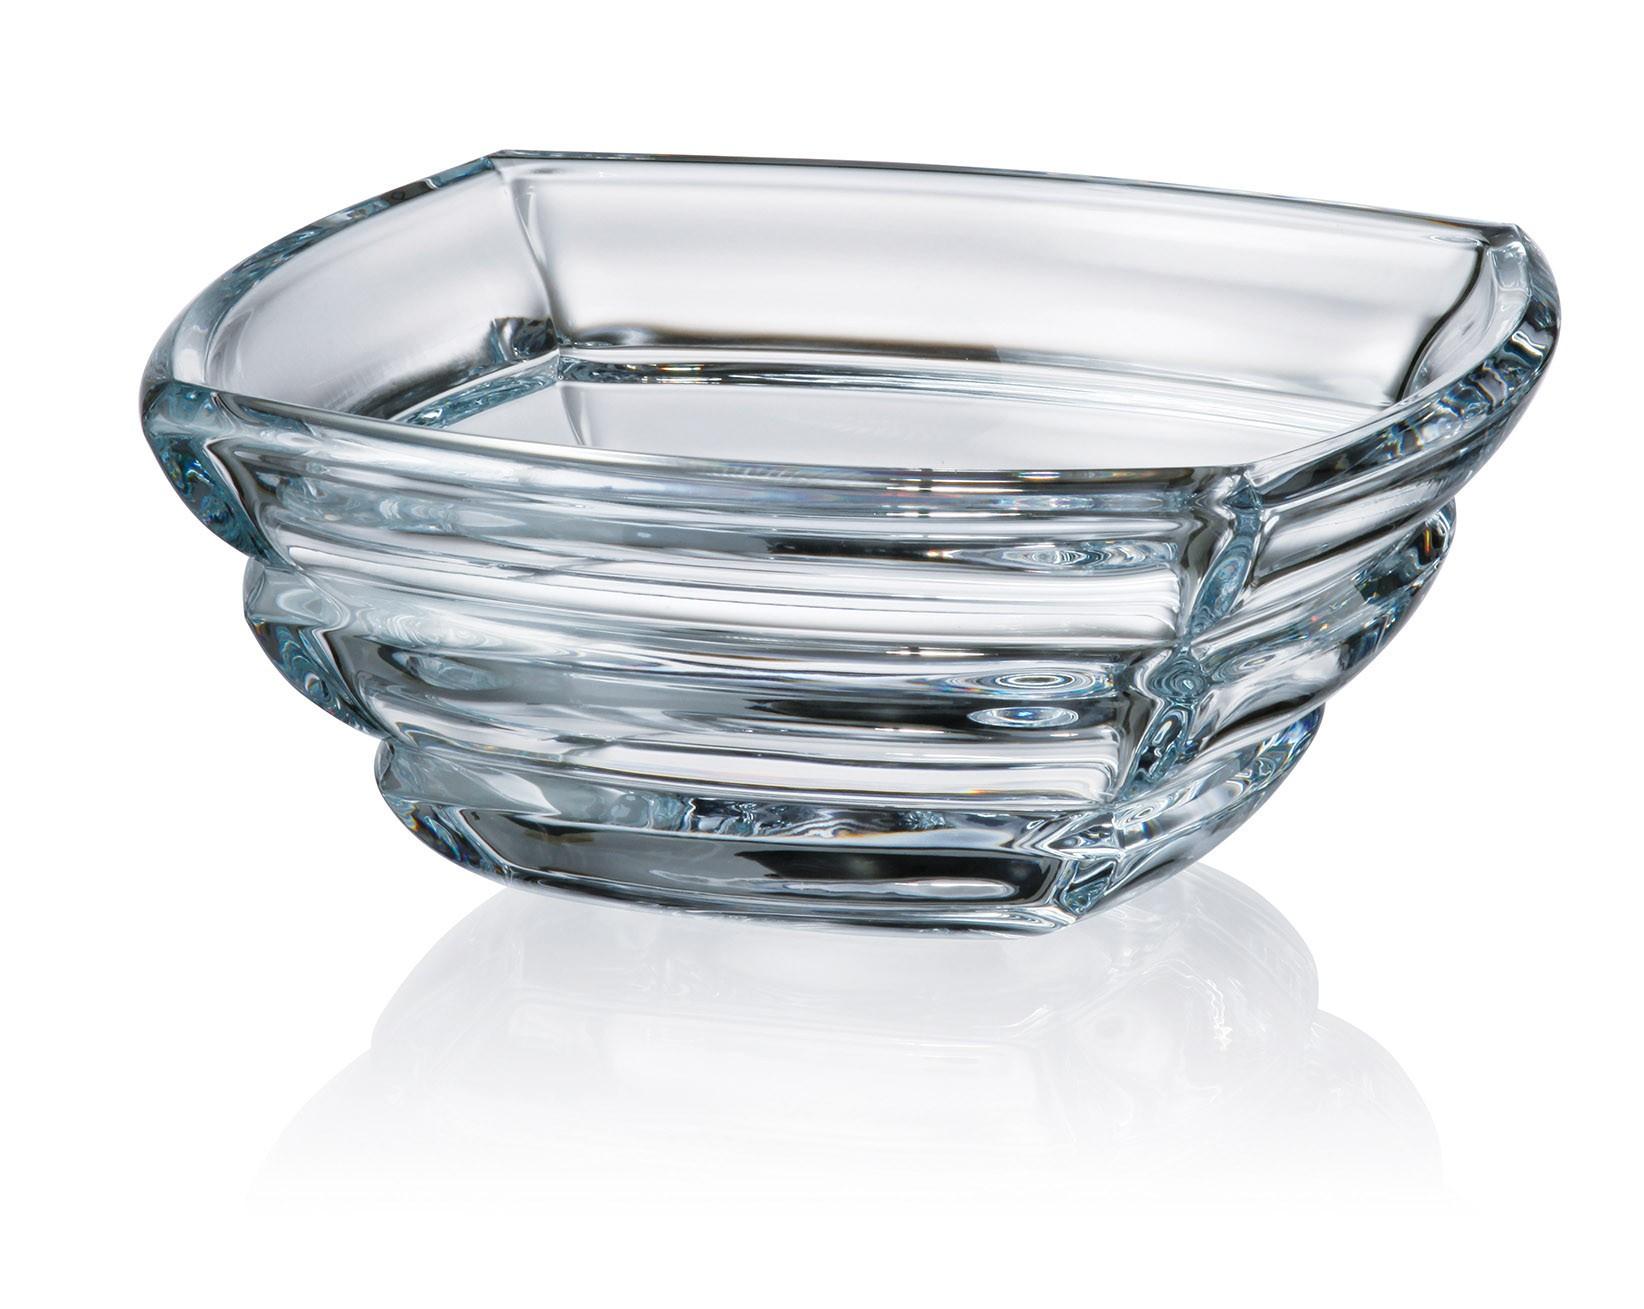 κουπ segment bohemia κρυστάλλινο 32cm home   κρυσταλλα  διακοσμηση   κρύσταλλα   κουπ